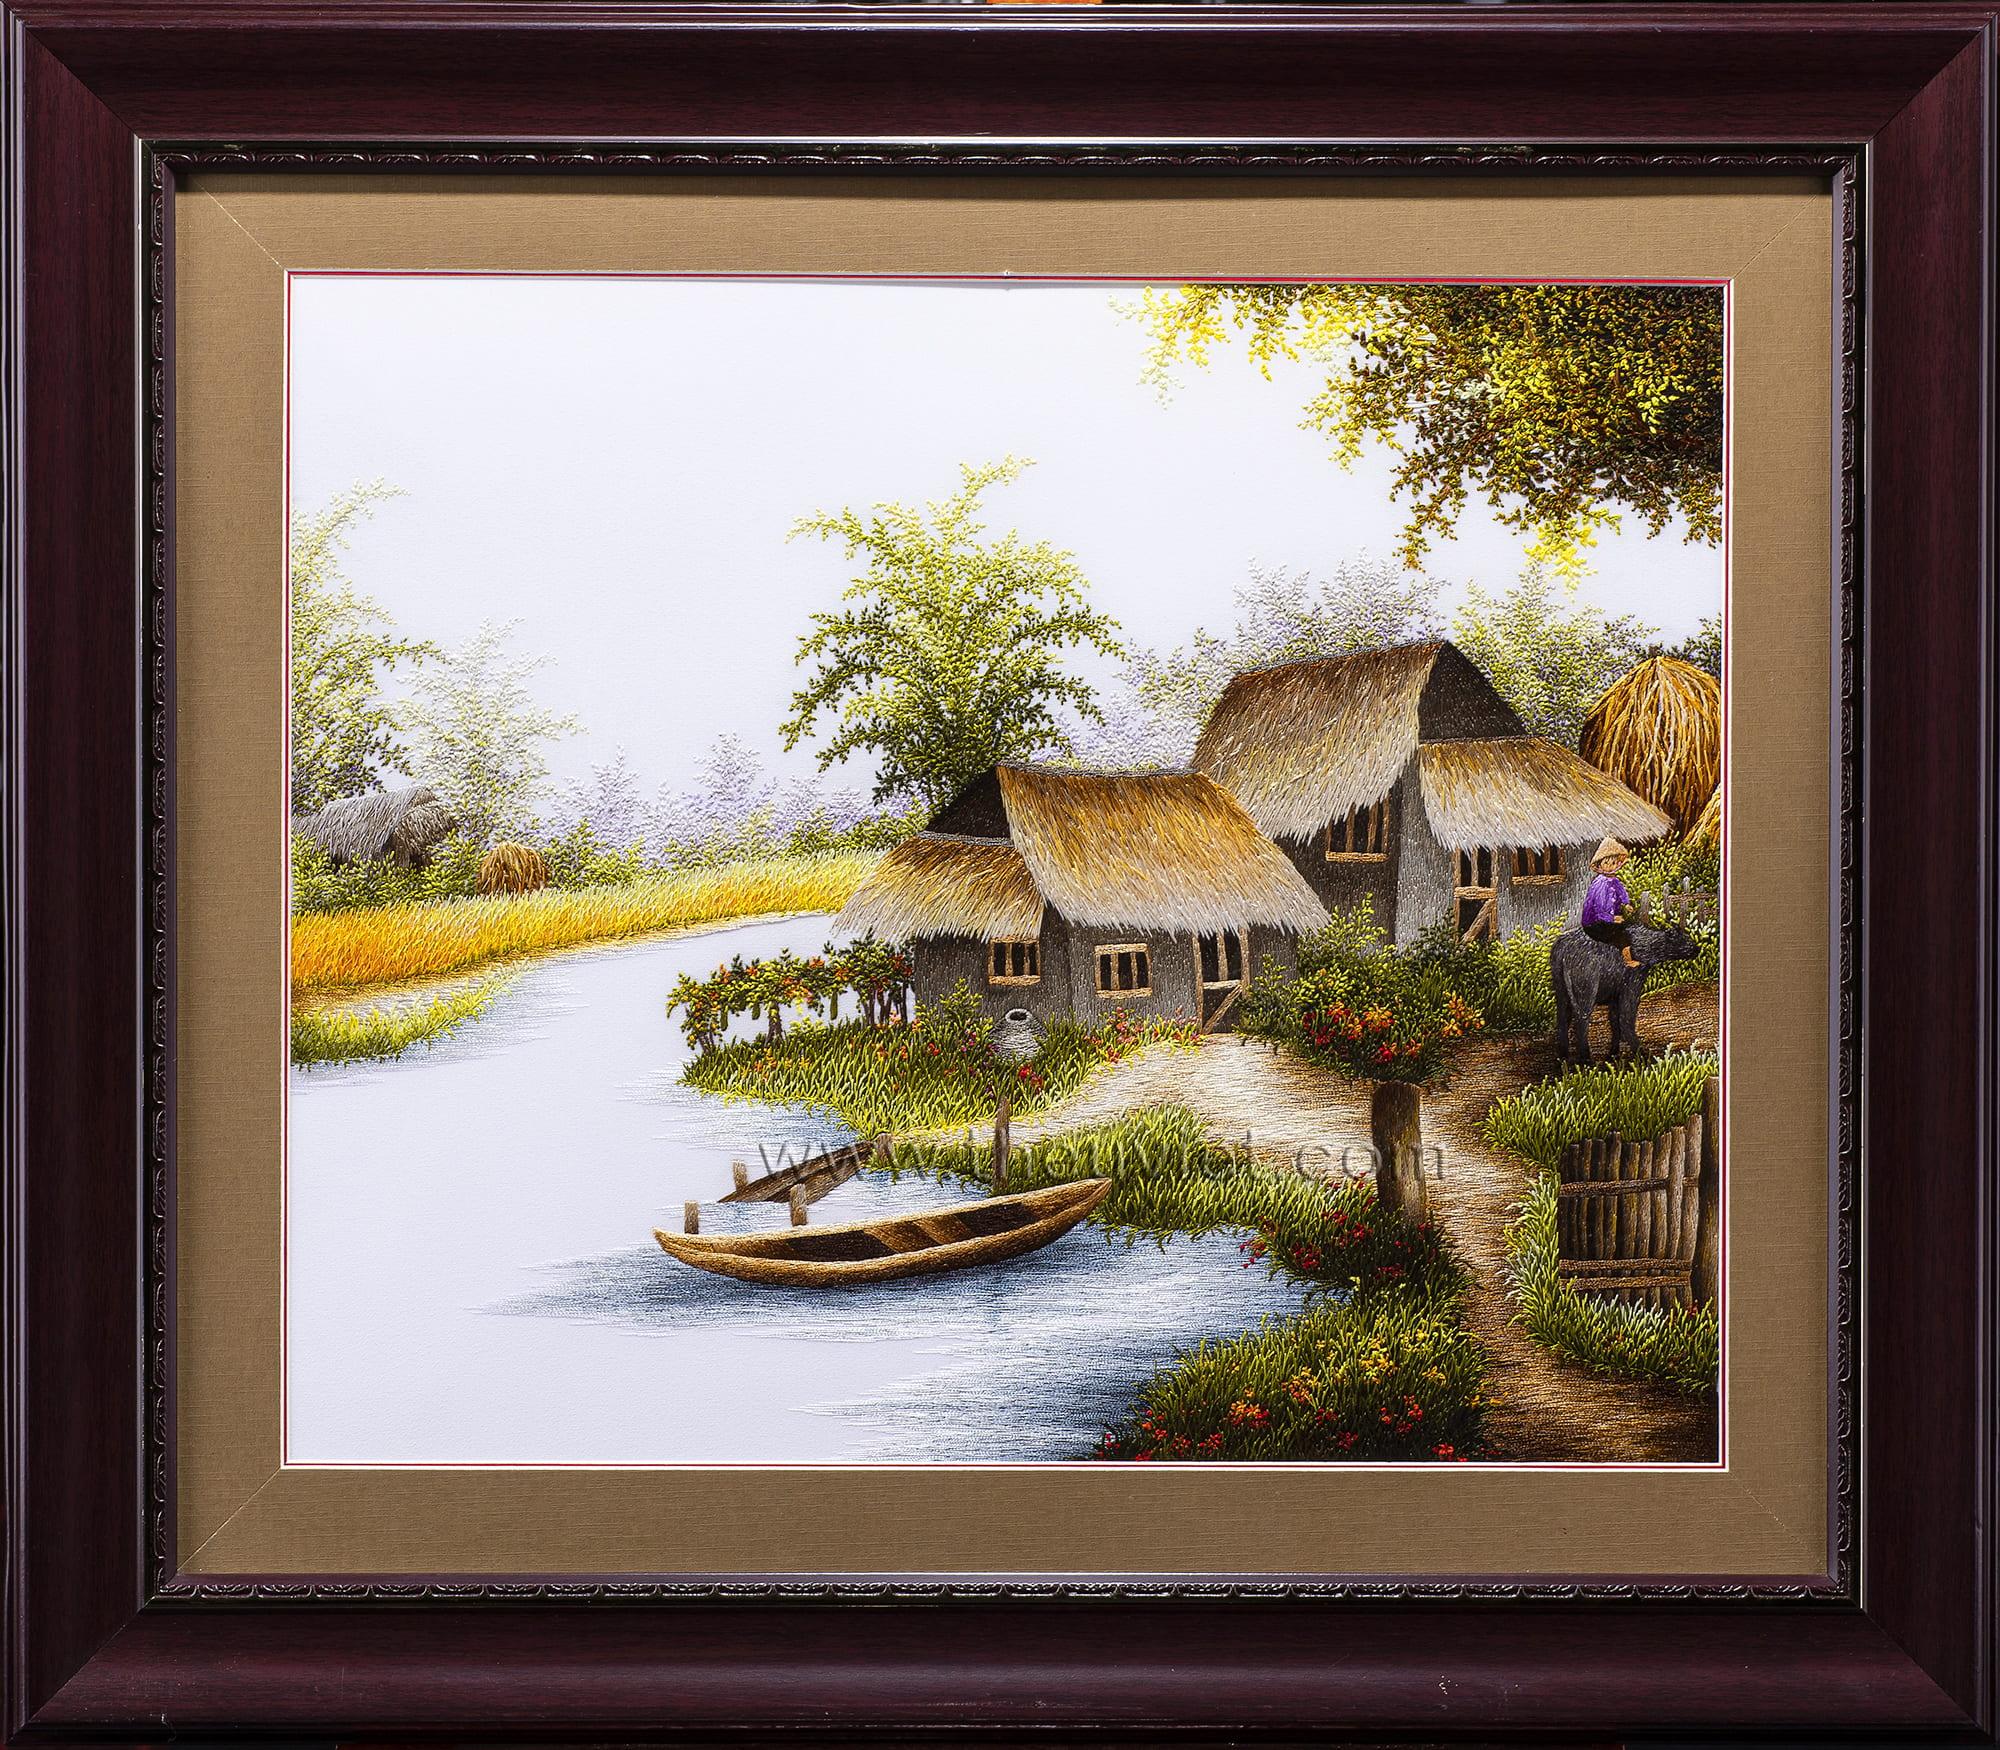 Tranh thêu phong cảnh quê hương (MPC0059)